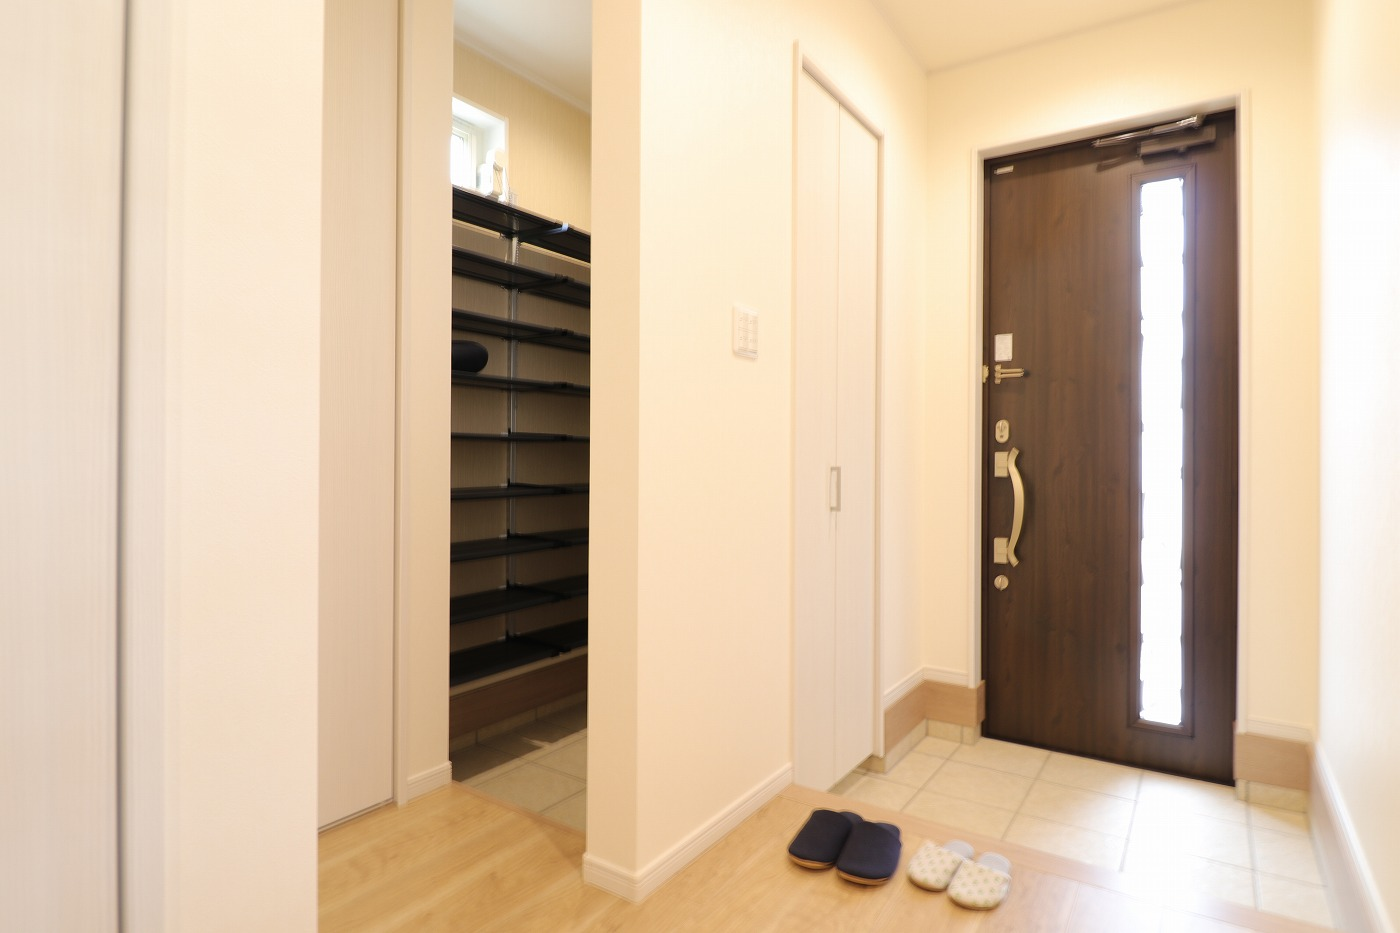 高松市六条町の新築分譲住宅の玄関